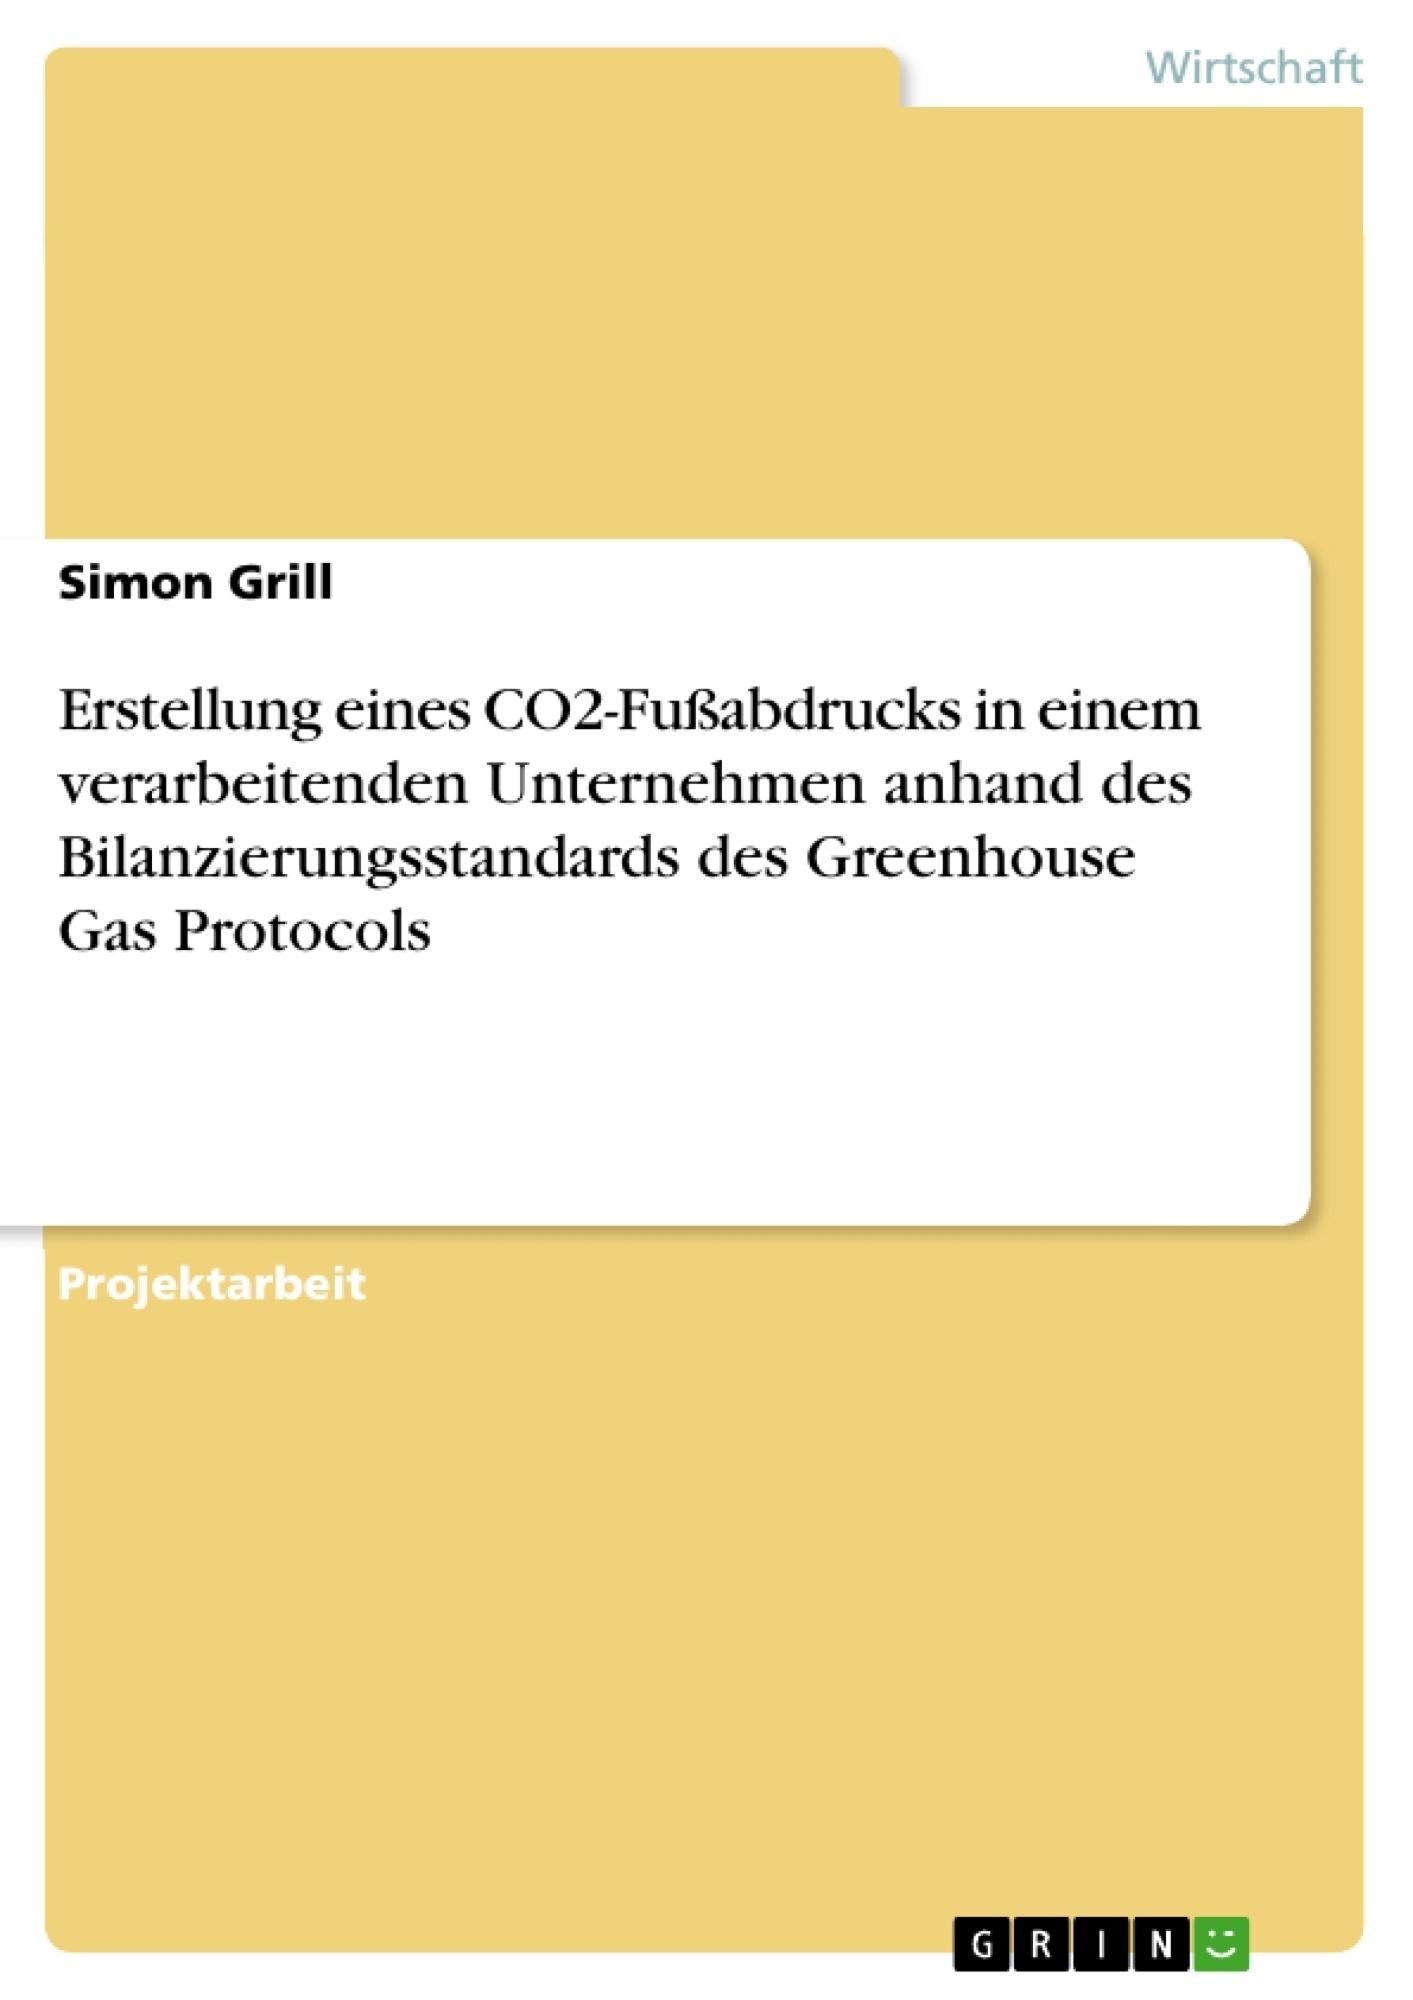 Titel: Erstellung eines CO2-Fußabdrucks in einem verarbeitenden Unternehmen anhand des Bilanzierungsstandards des Greenhouse Gas Protocols